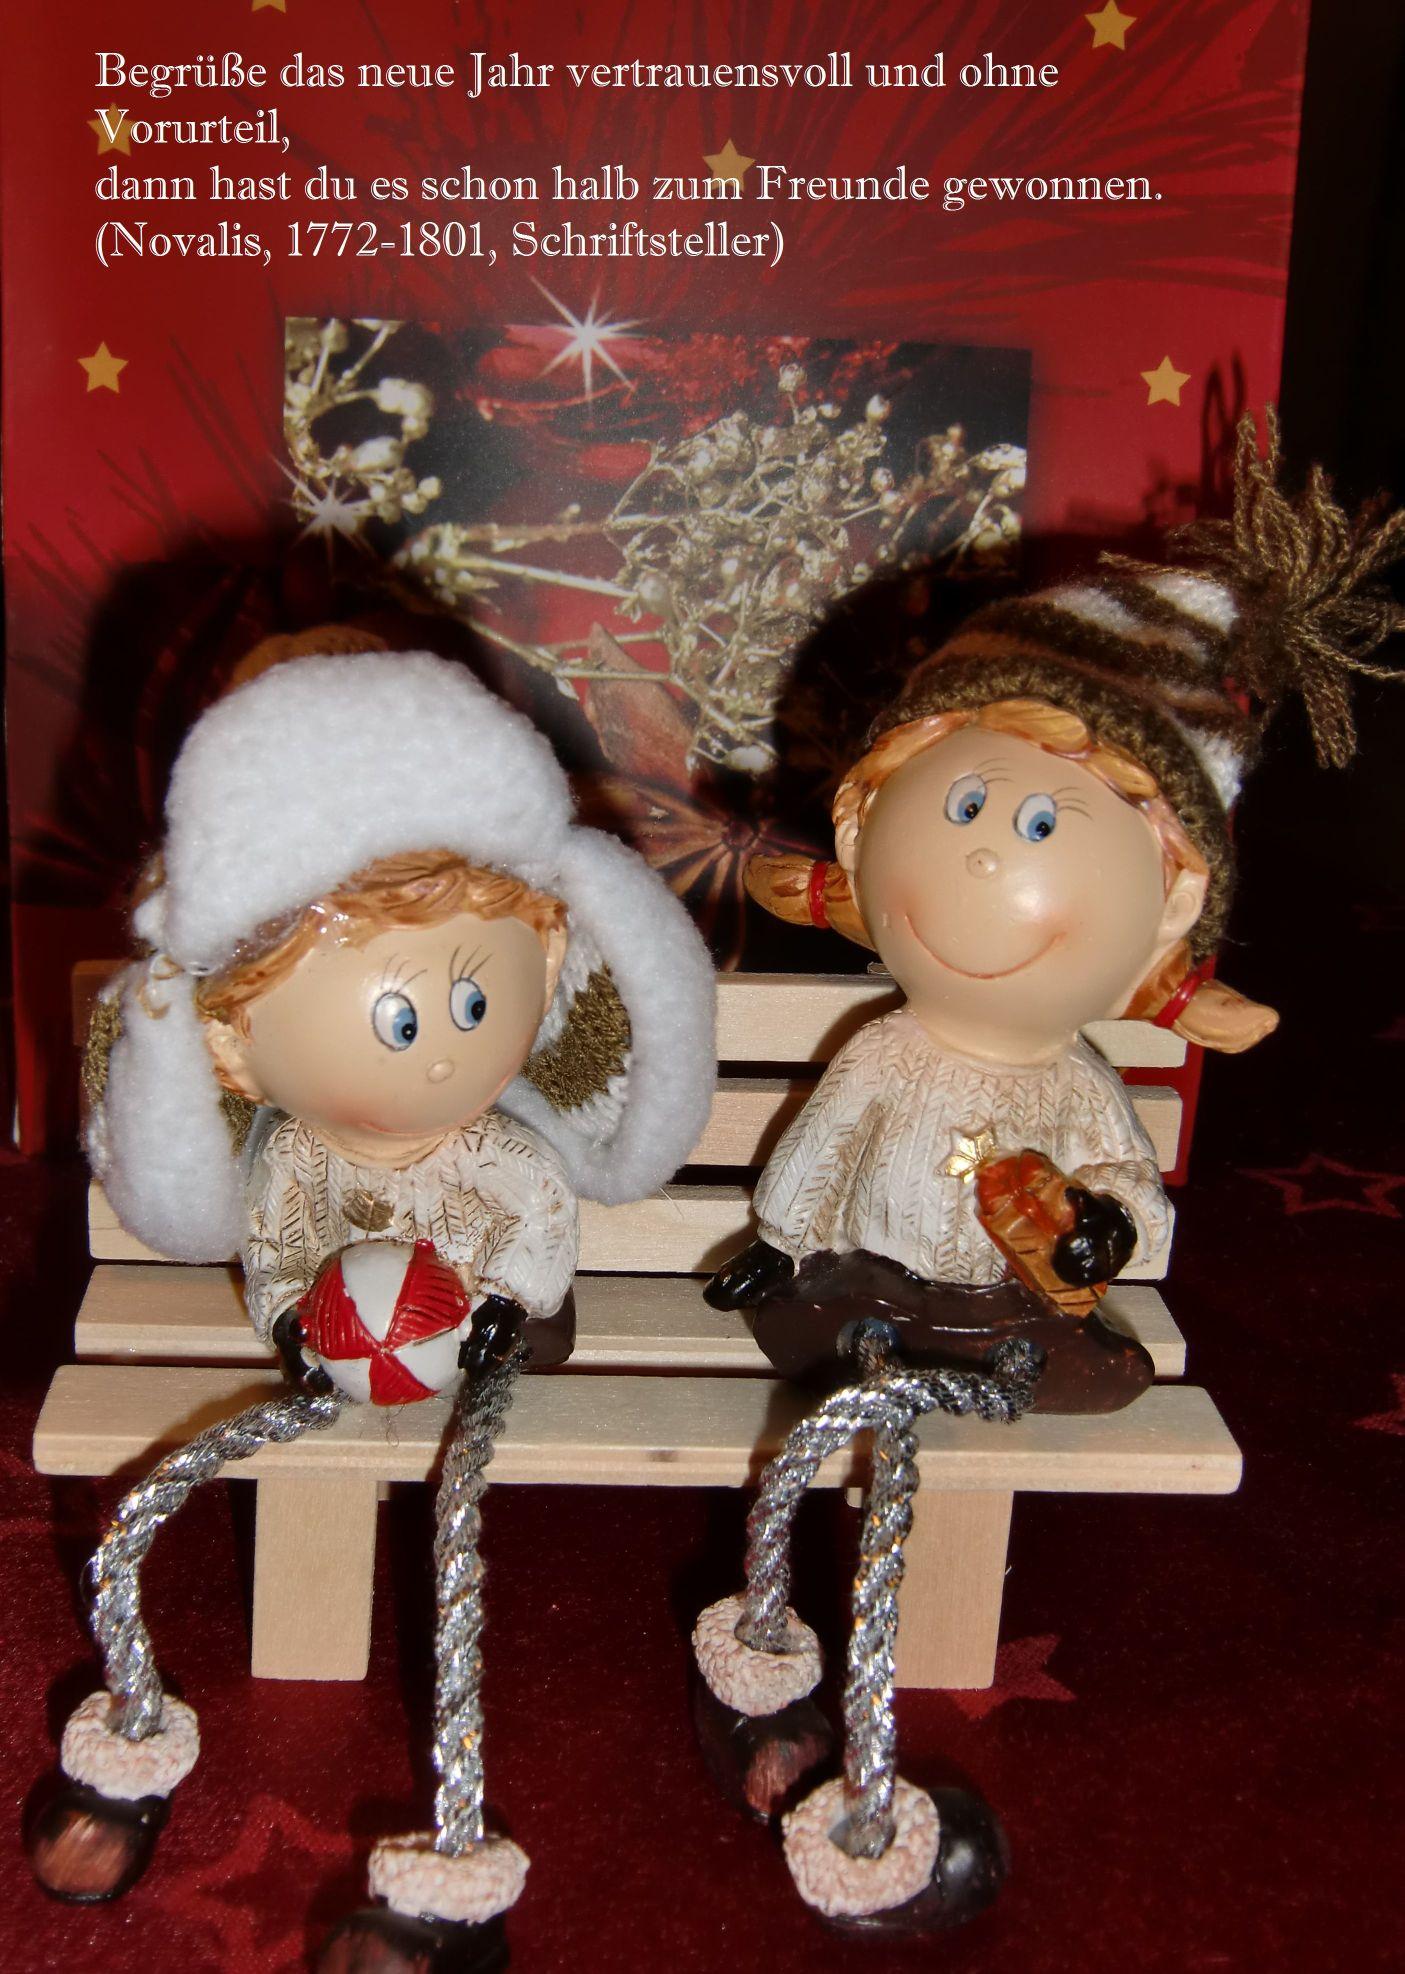 herzliche weihnachts und neujahrsgr e von mdl marion. Black Bedroom Furniture Sets. Home Design Ideas